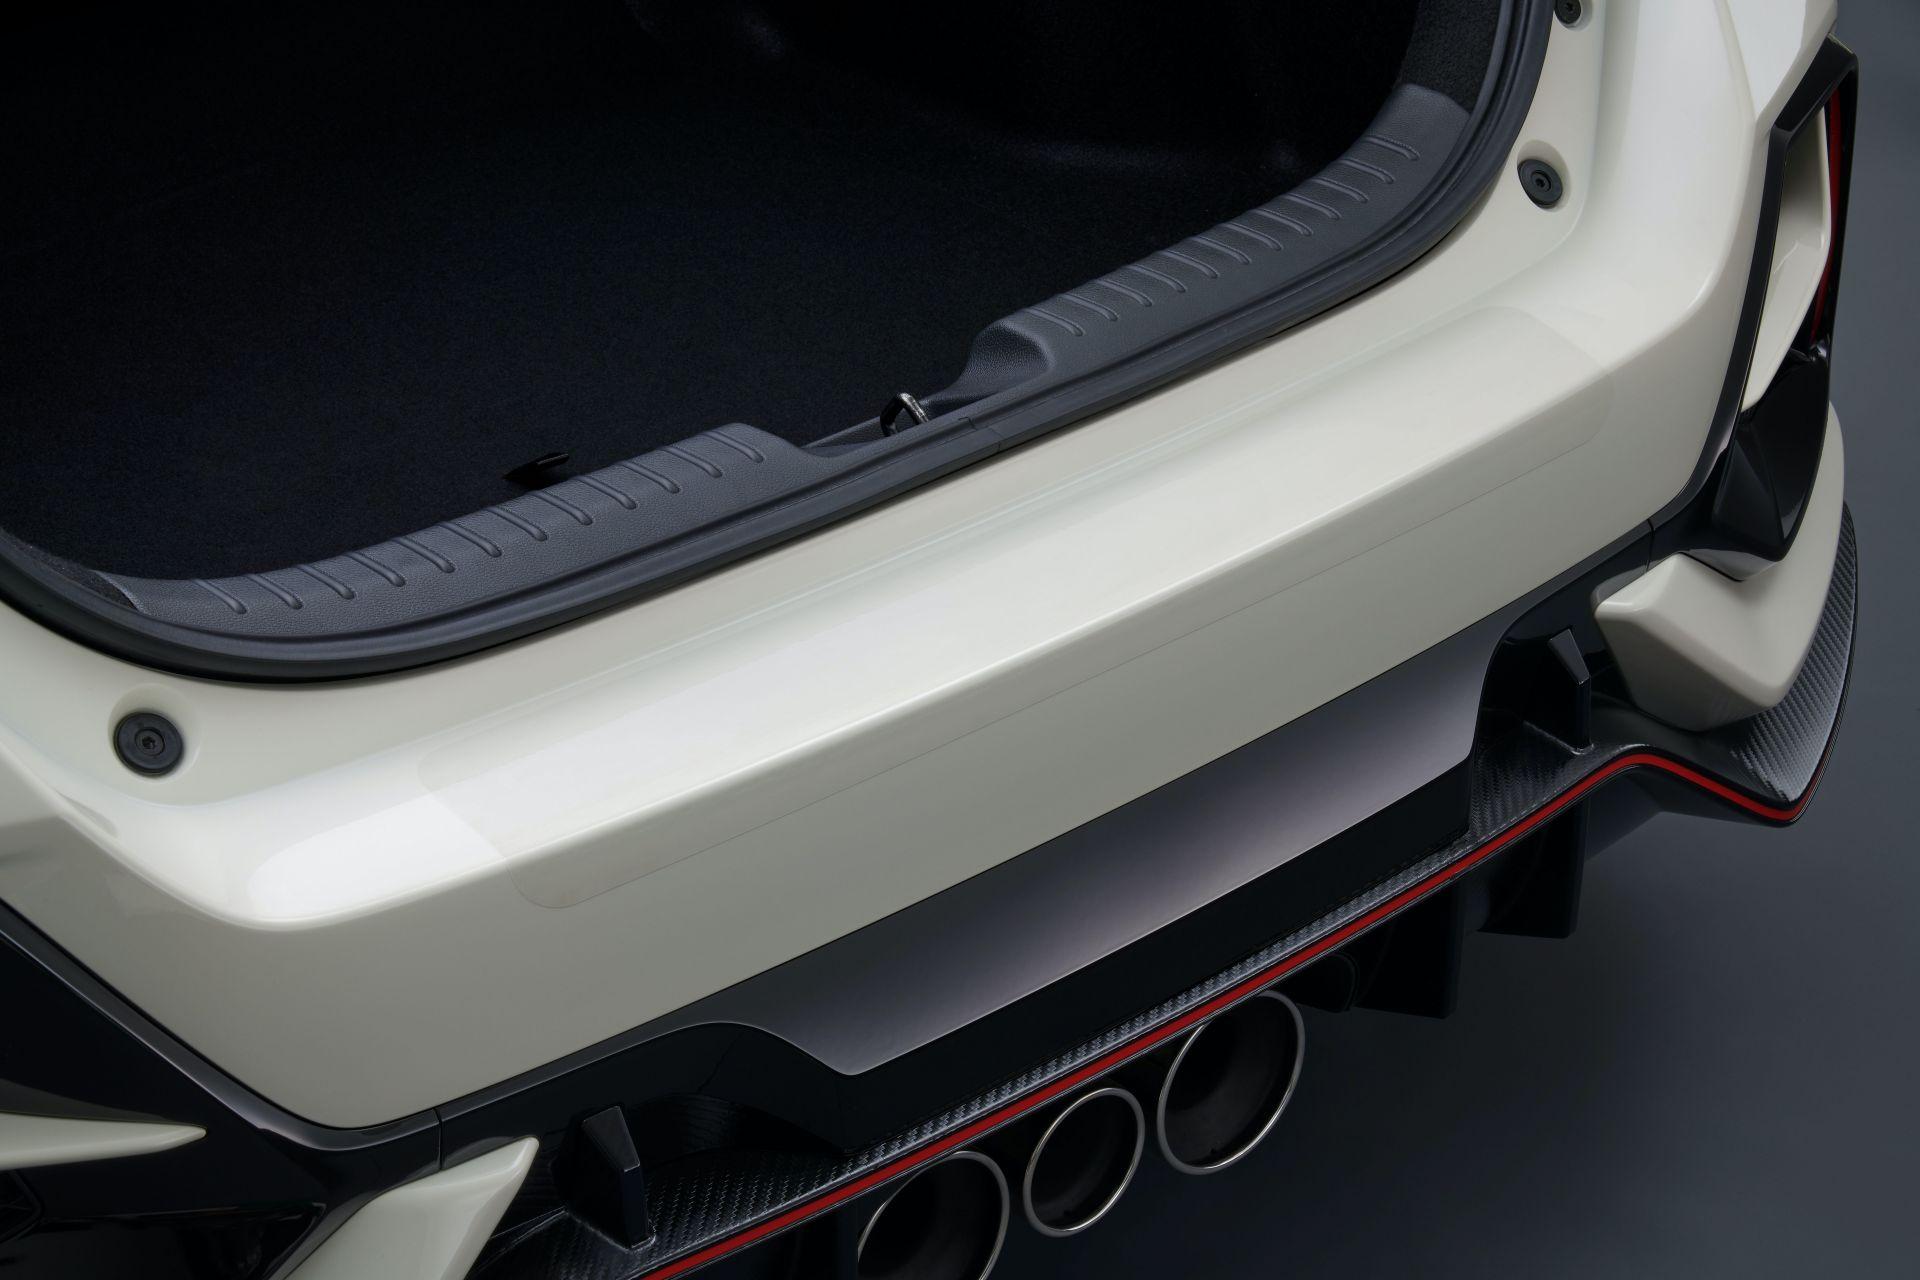 2021_Honda_Civic_Type_R_Modulo_0019